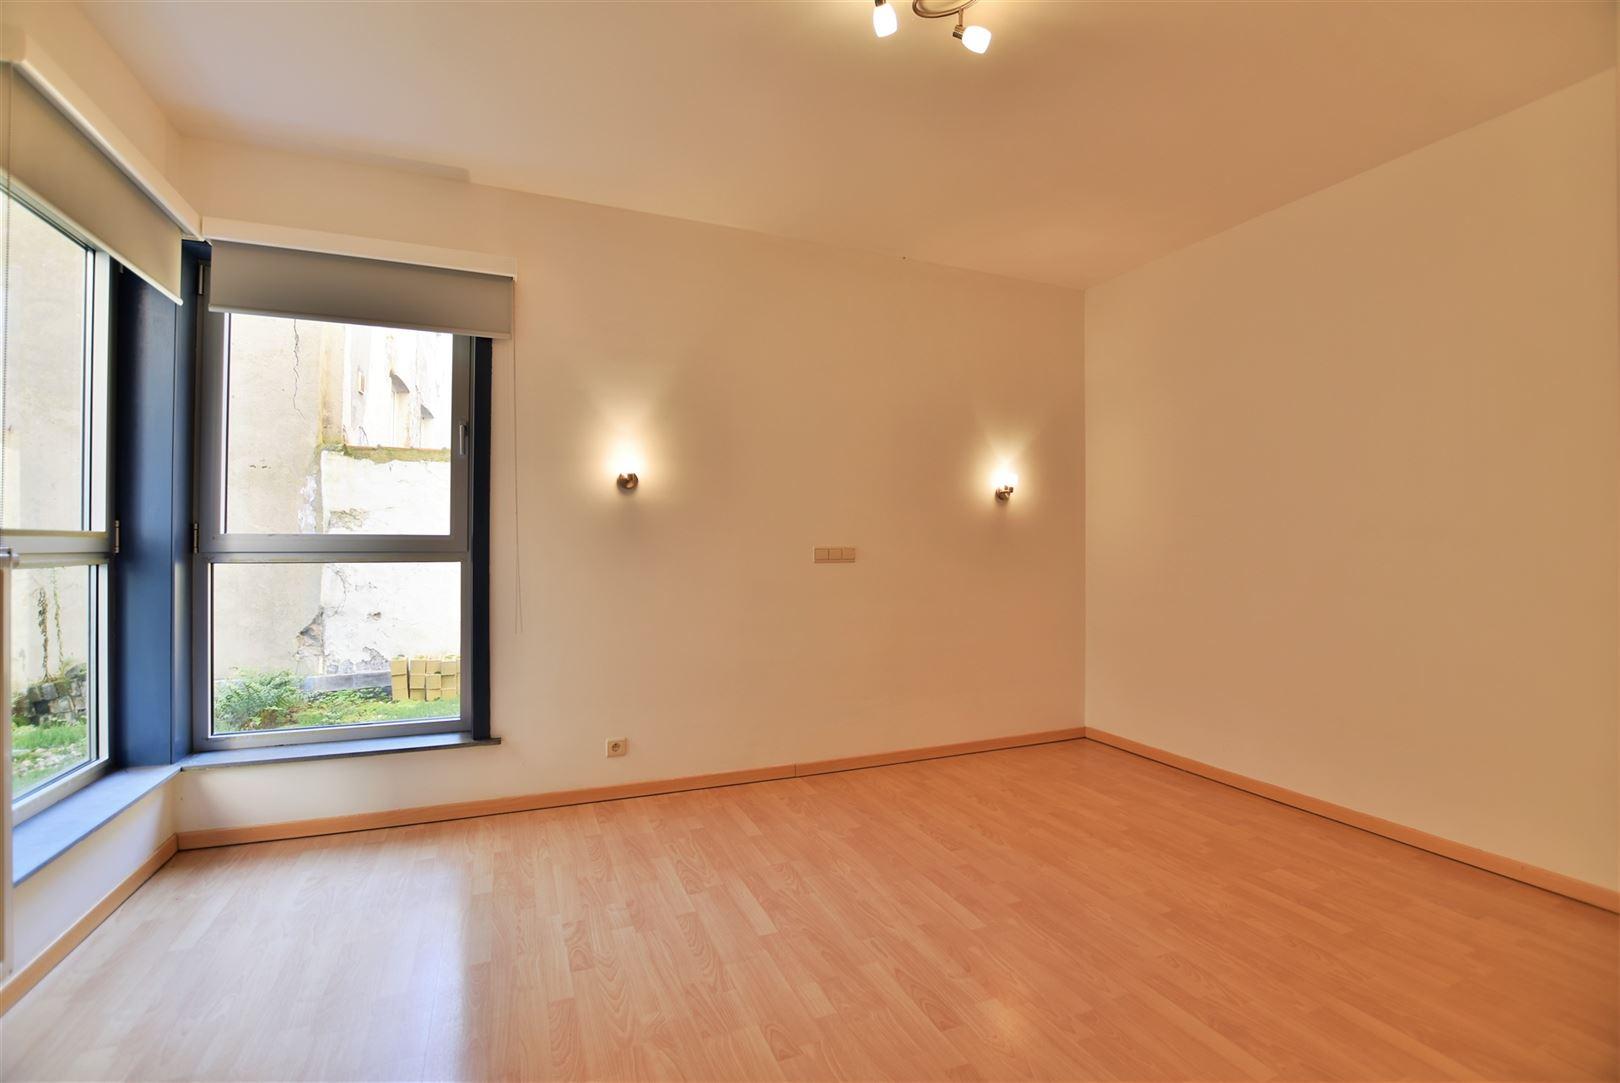 Foto 16 : Appartement te 8400 OOSTENDE (België) - Prijs € 299.000